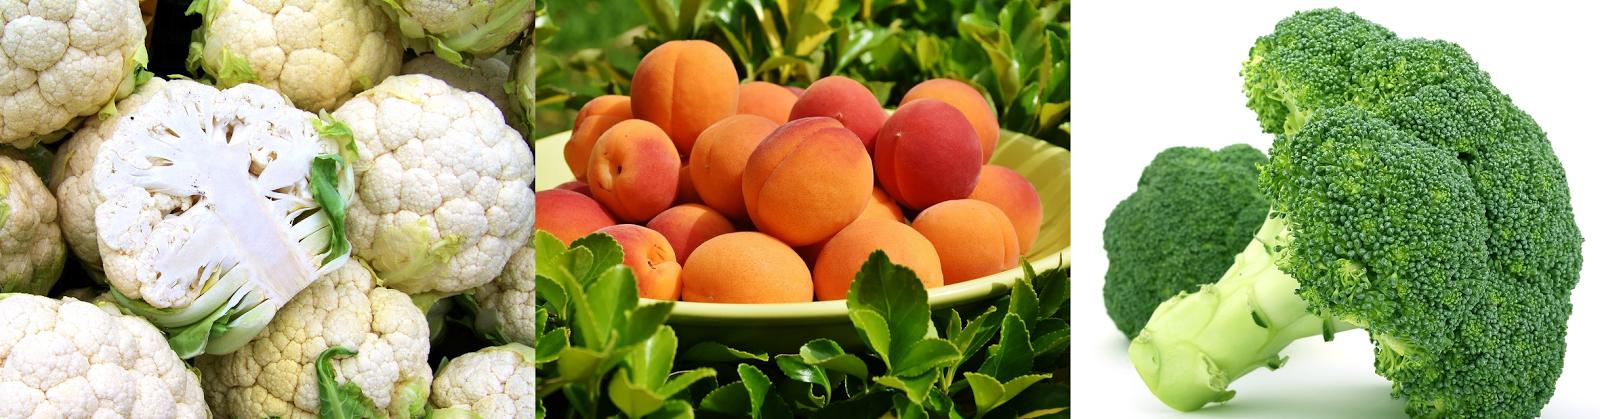 Alimentos Que Aumentam a Glutationa